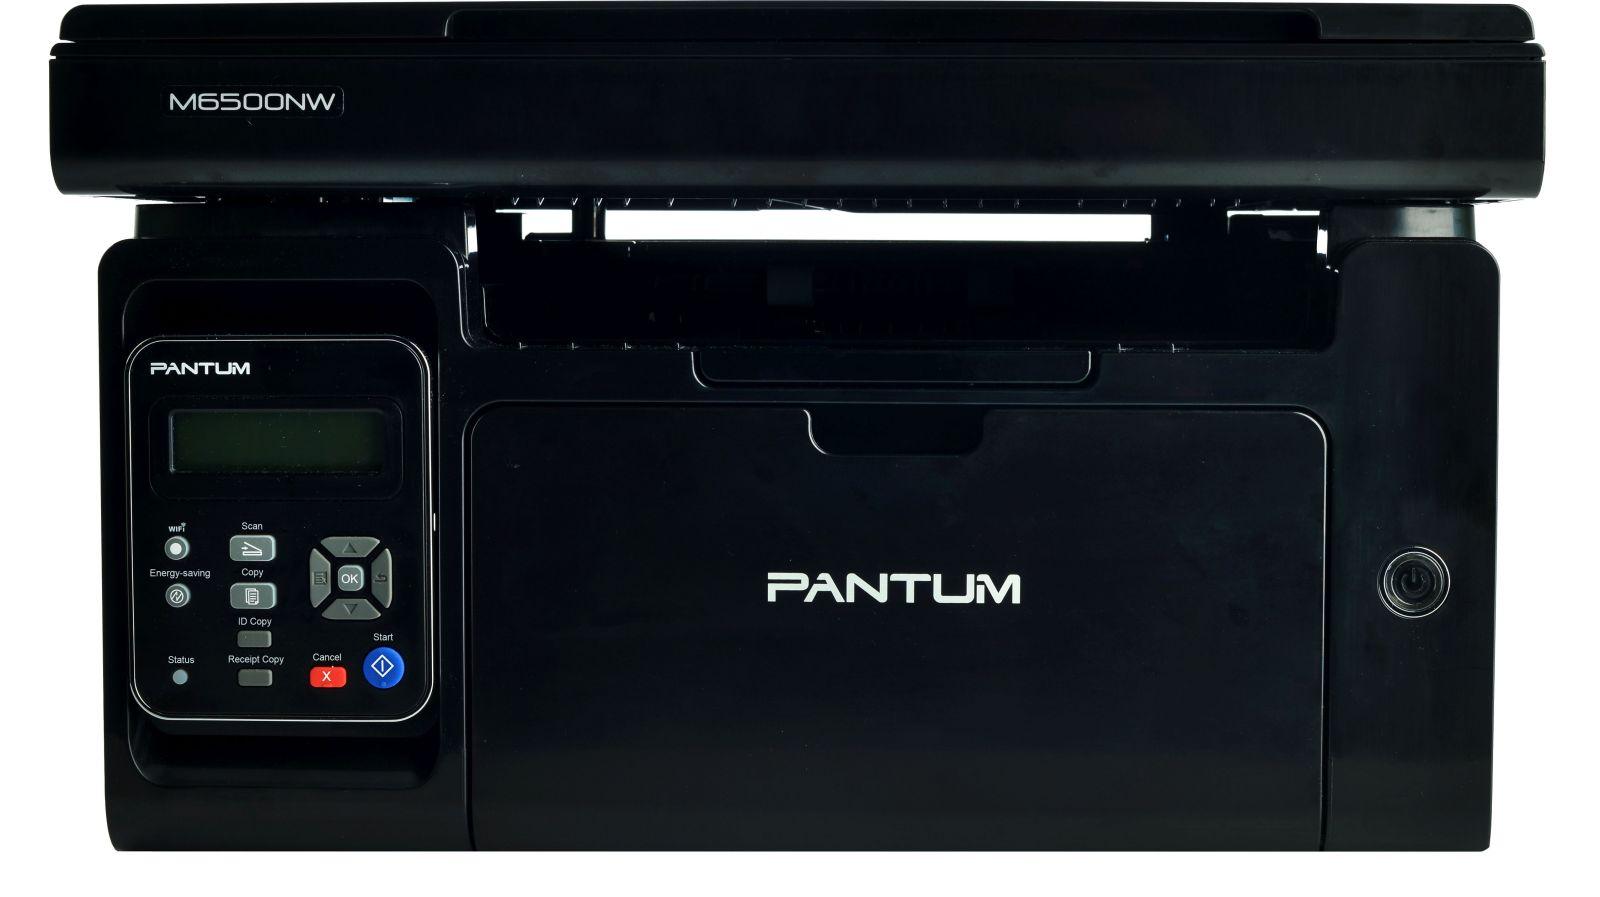 Máy in laser đơn sắc (Print/ Copy/ Scan) – M6500N